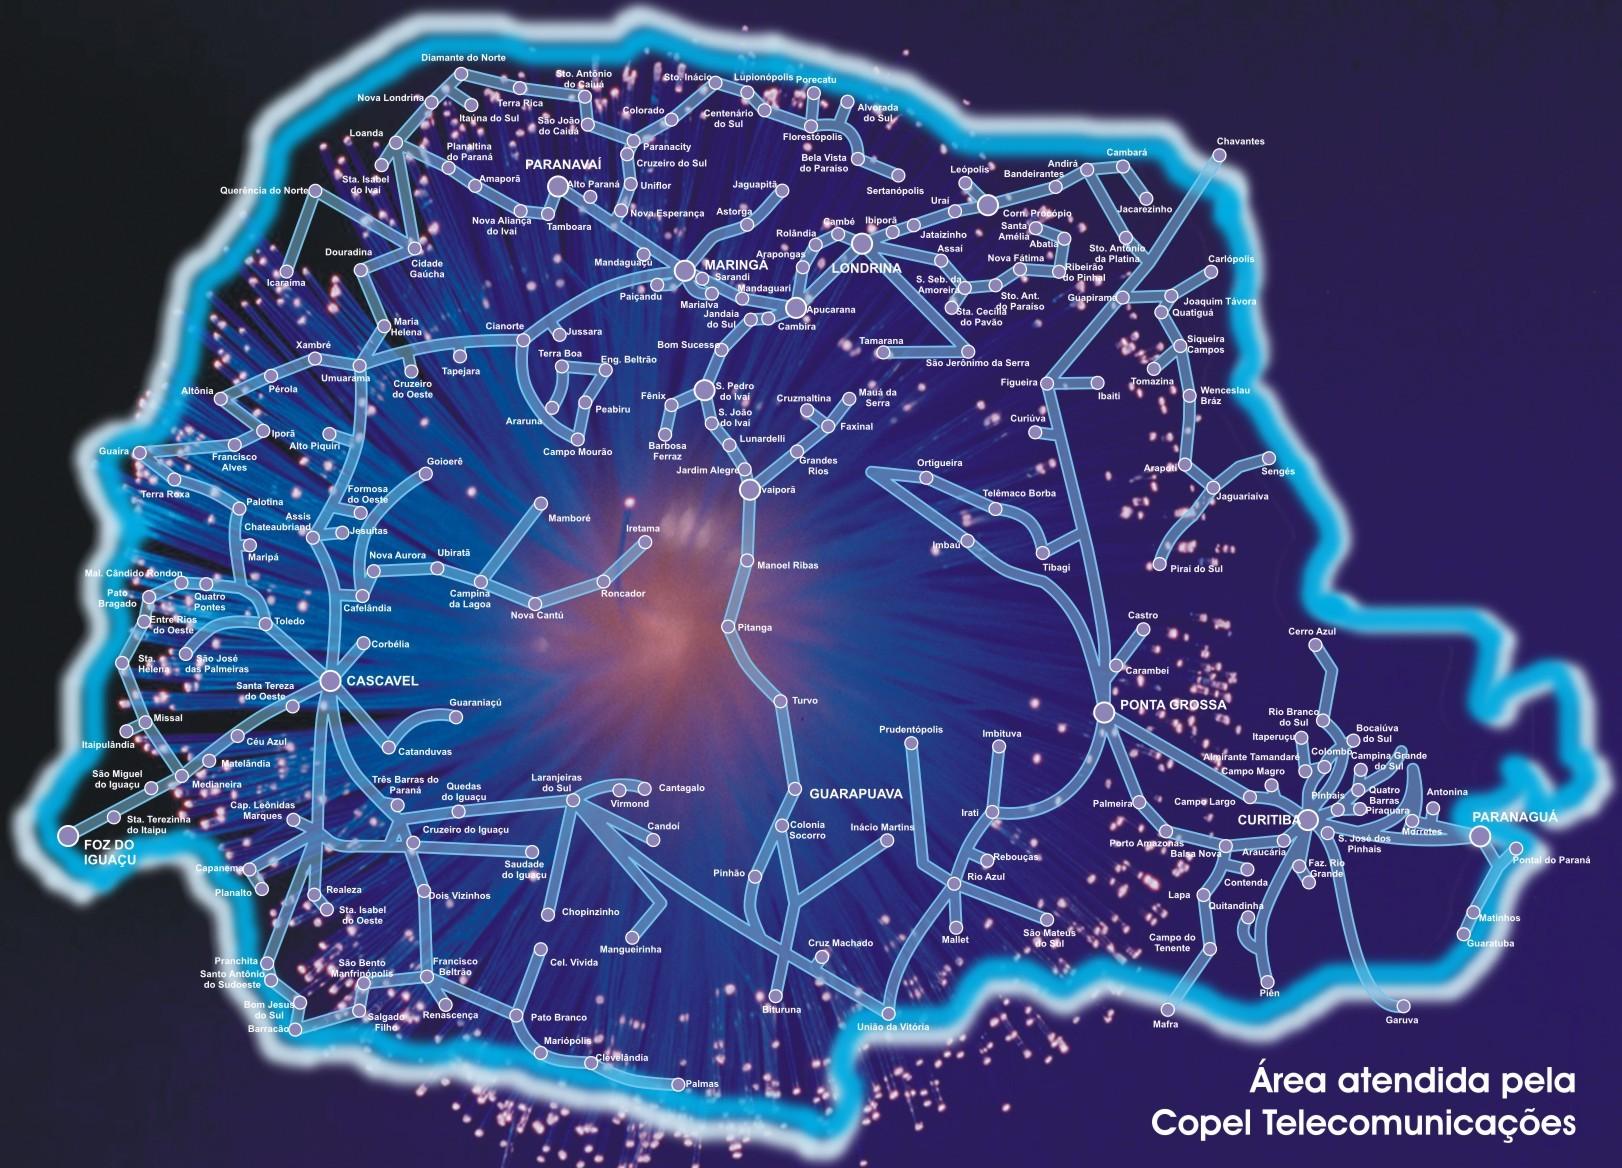 Estudo sobre a privatização da Copel Telecom aponta que empresa é lucrativa